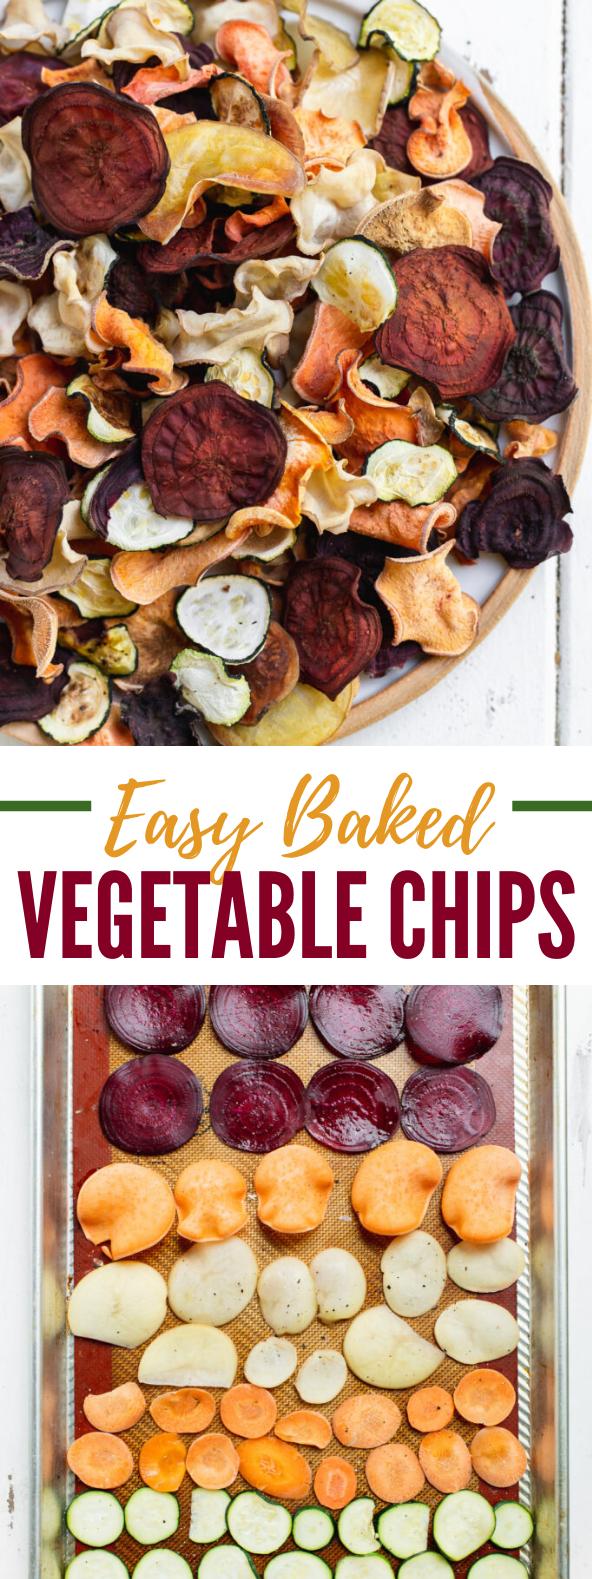 Easy Baked Vegetable Chips (Oil-Free) #vegetarian #snack